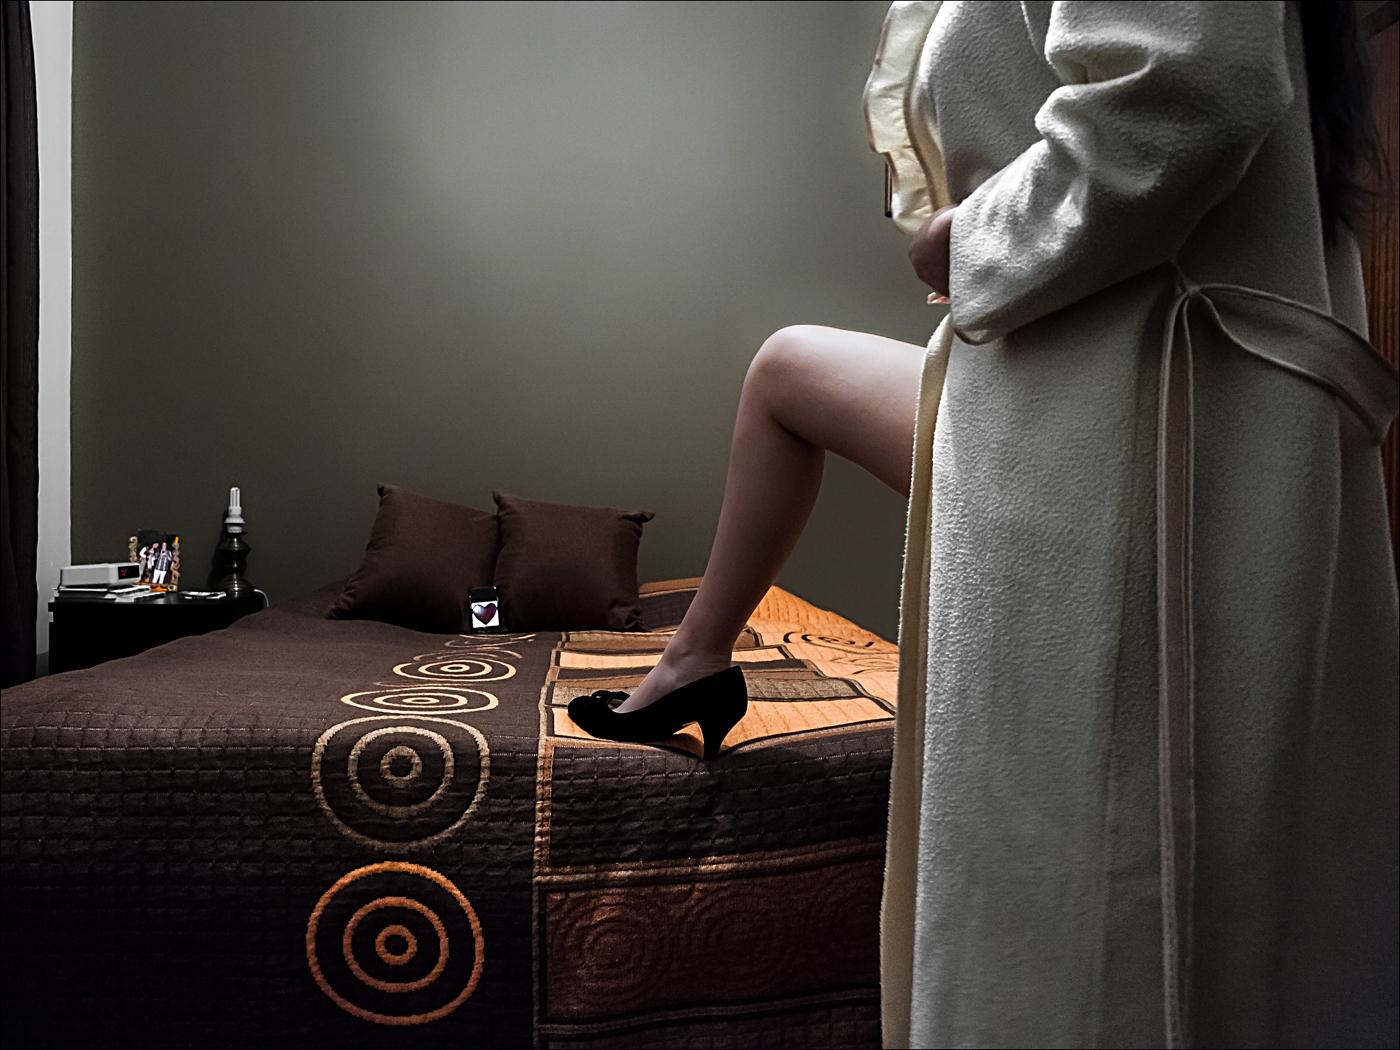 Ana Teresa Pires, Fotografia, Fotografia de Autor, Fotografia Conceptual, Produção Visual, Nomofobia; Portugal